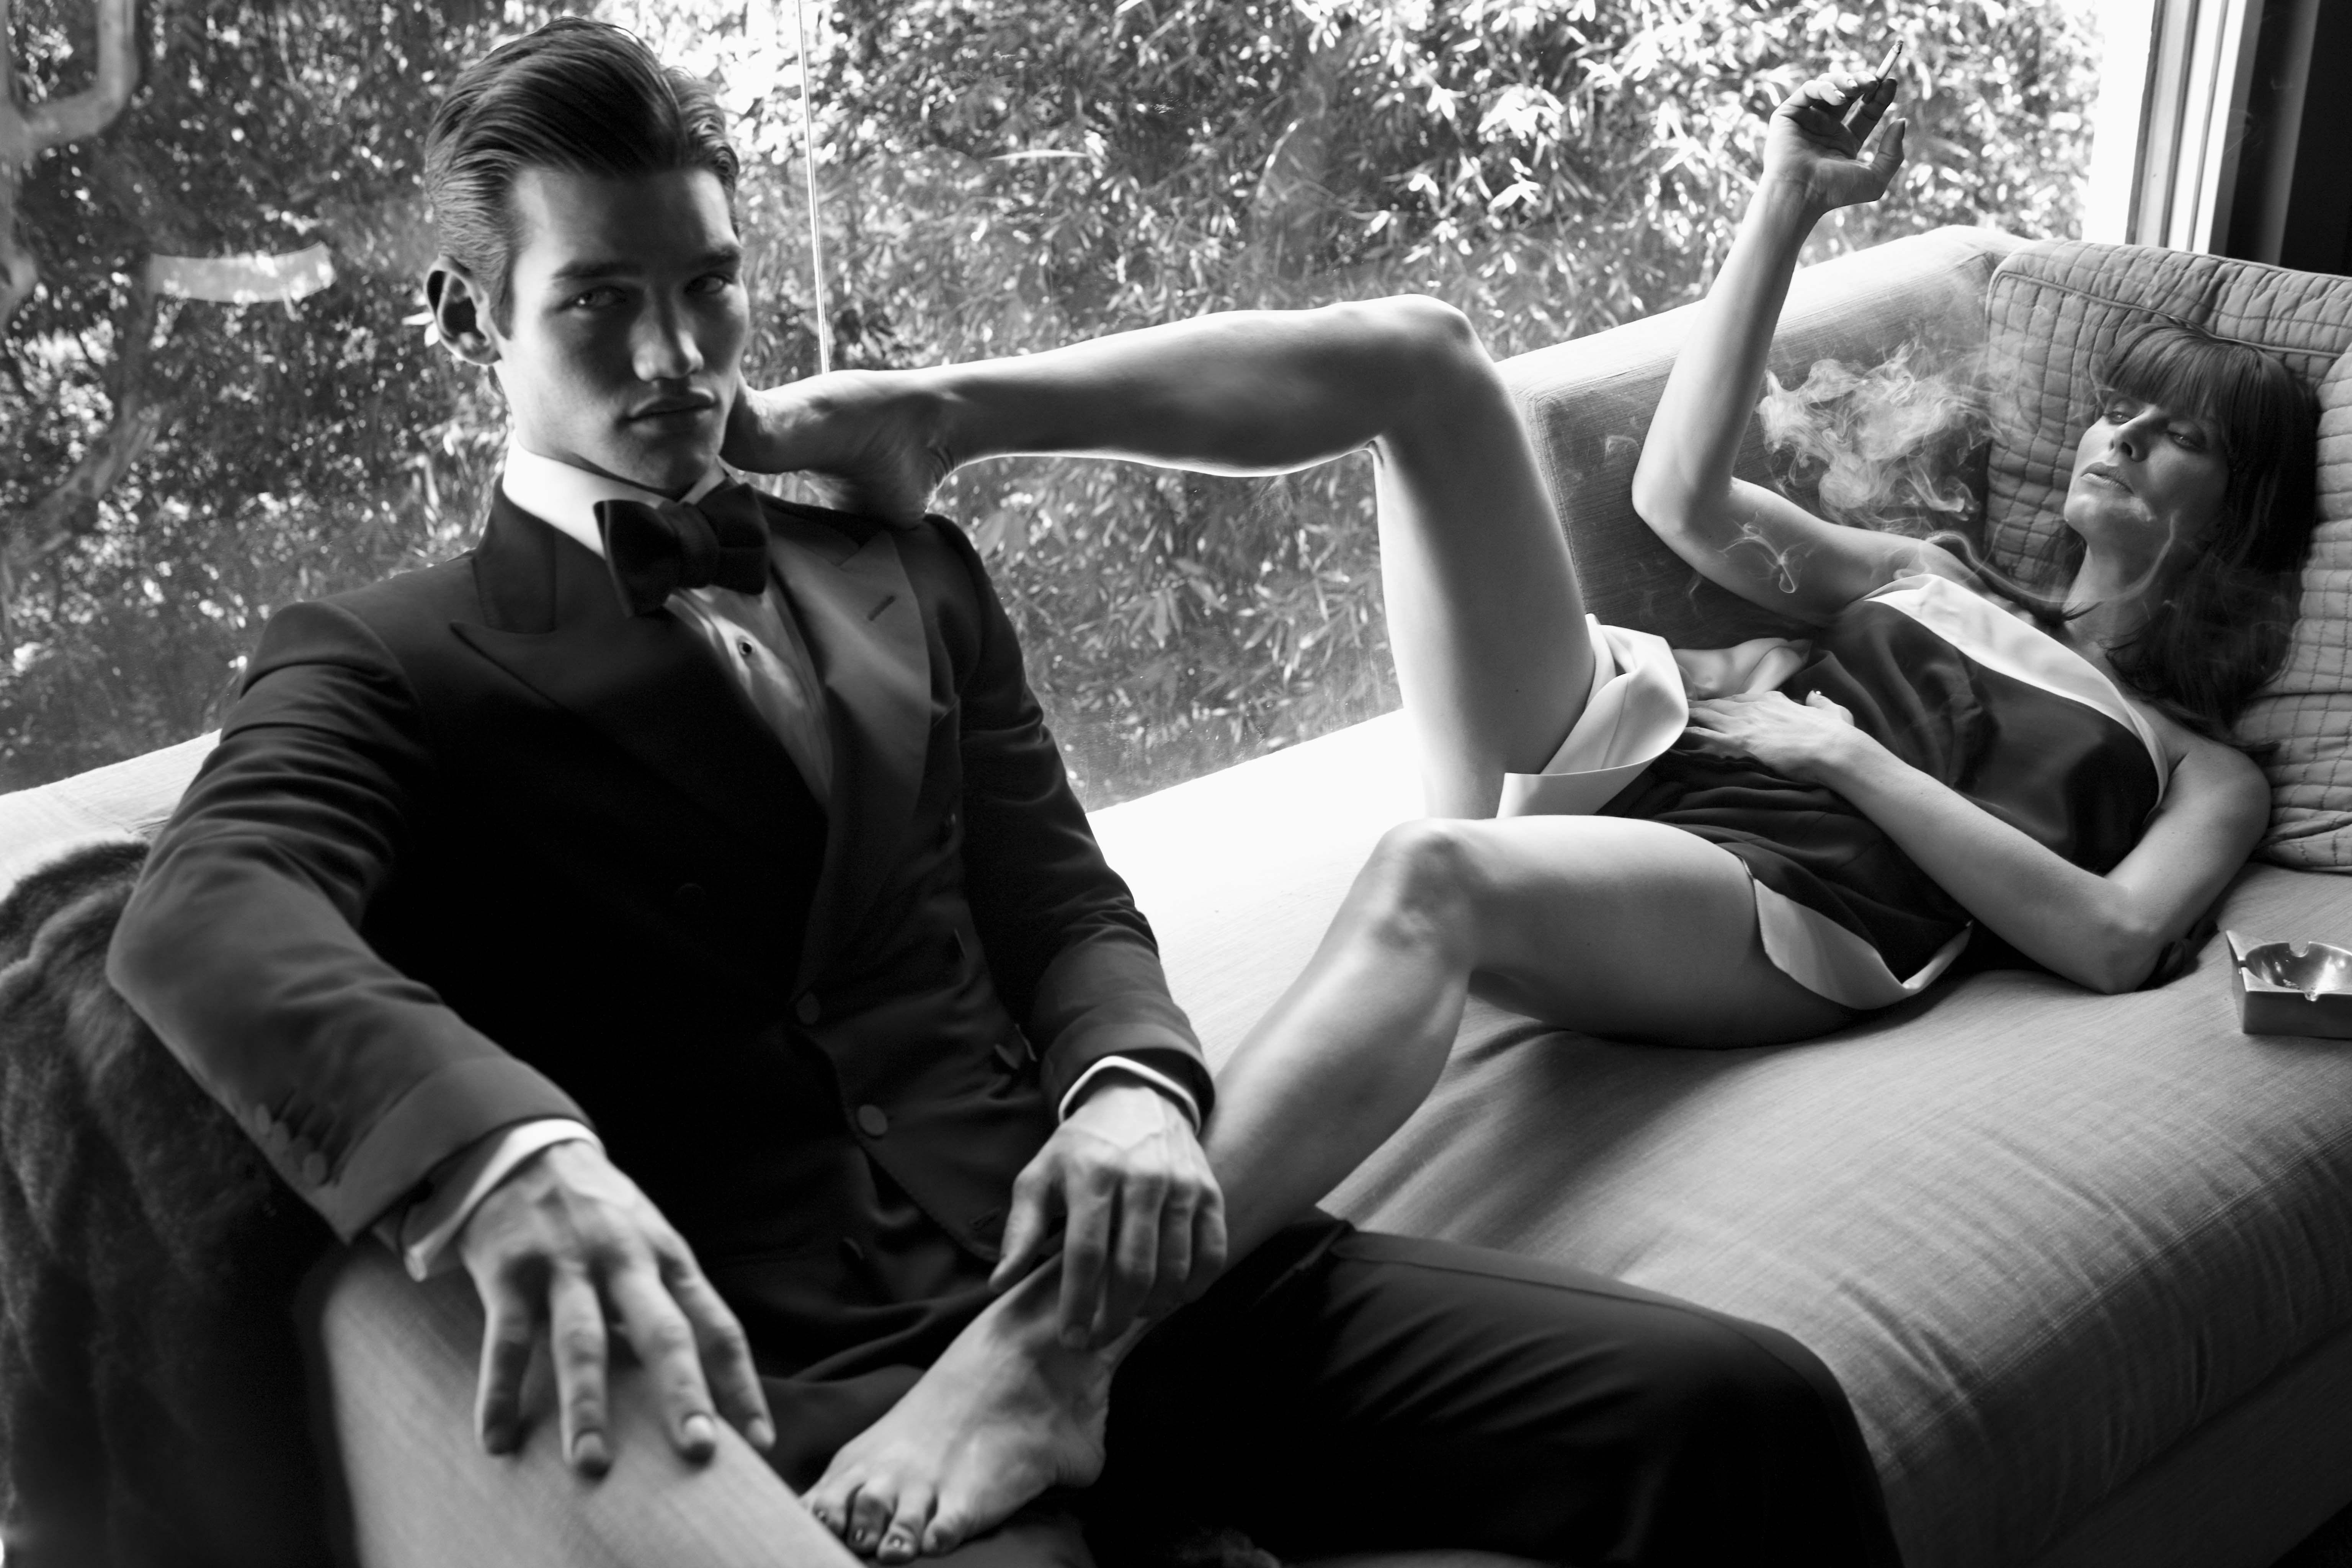 Целует жене ноги, Муж целует ноги жене, которую ебет любовник - смотрите 6 фотография